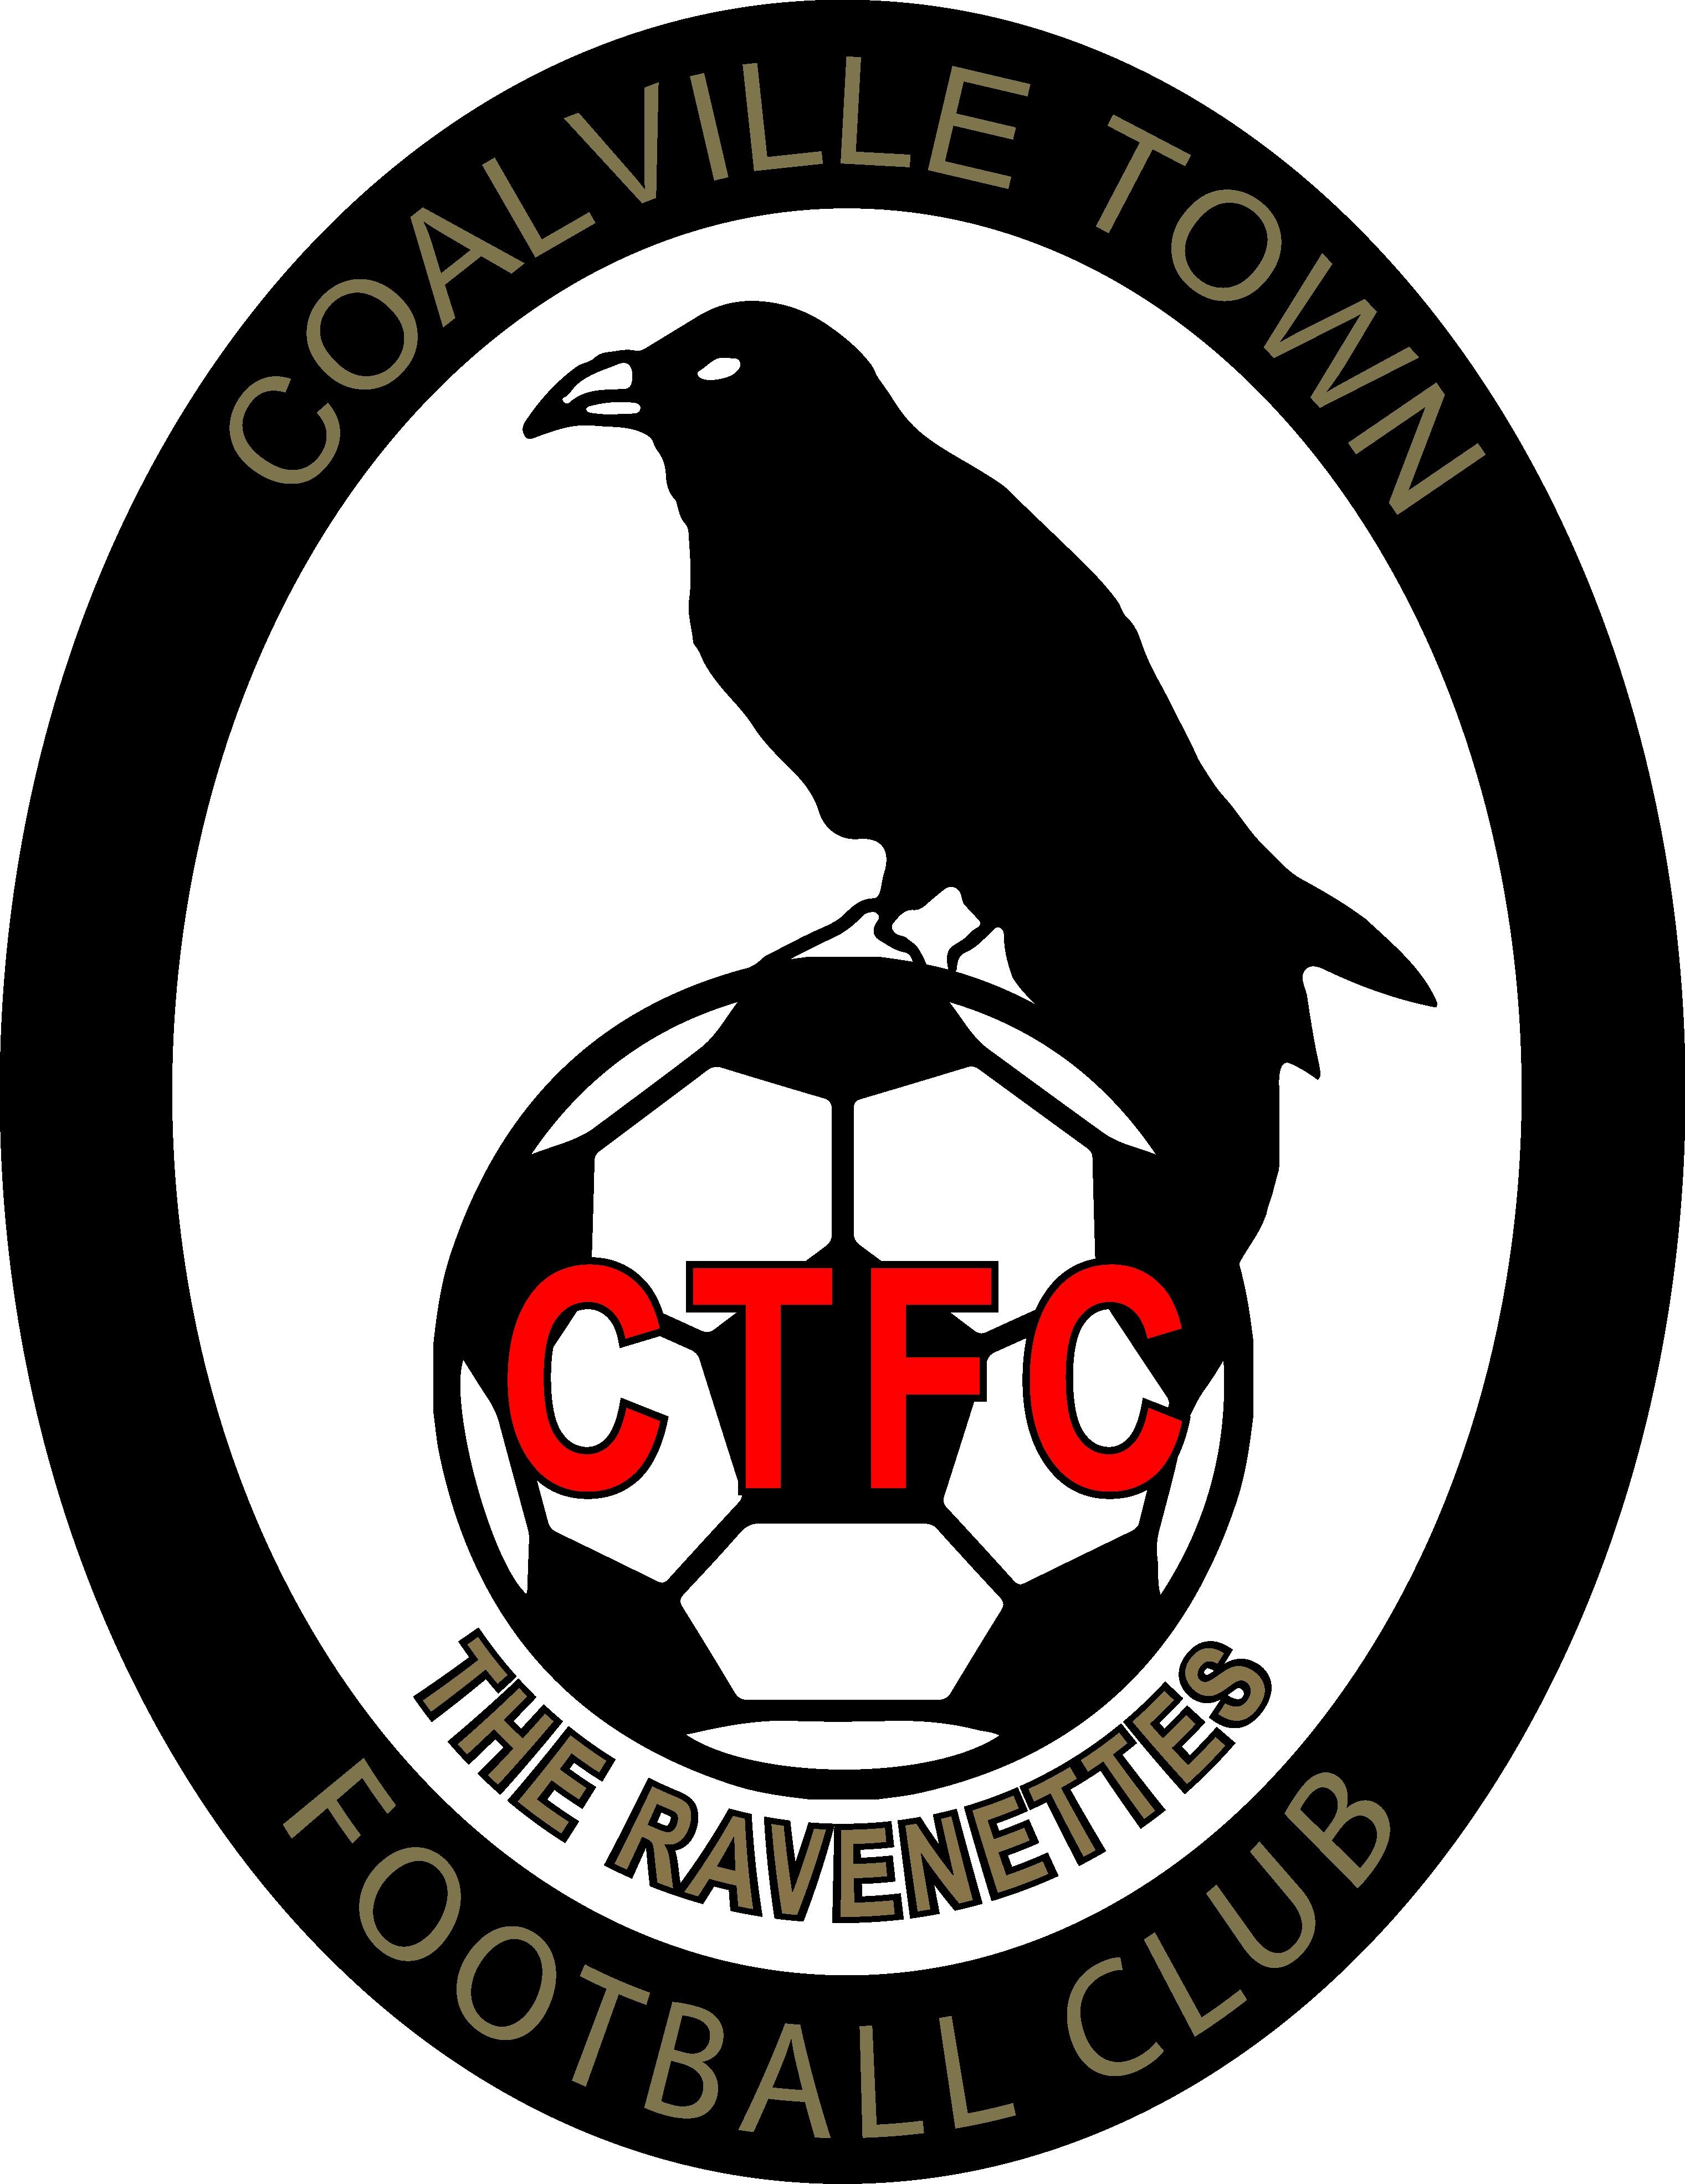 Coalville Town Ravenettes